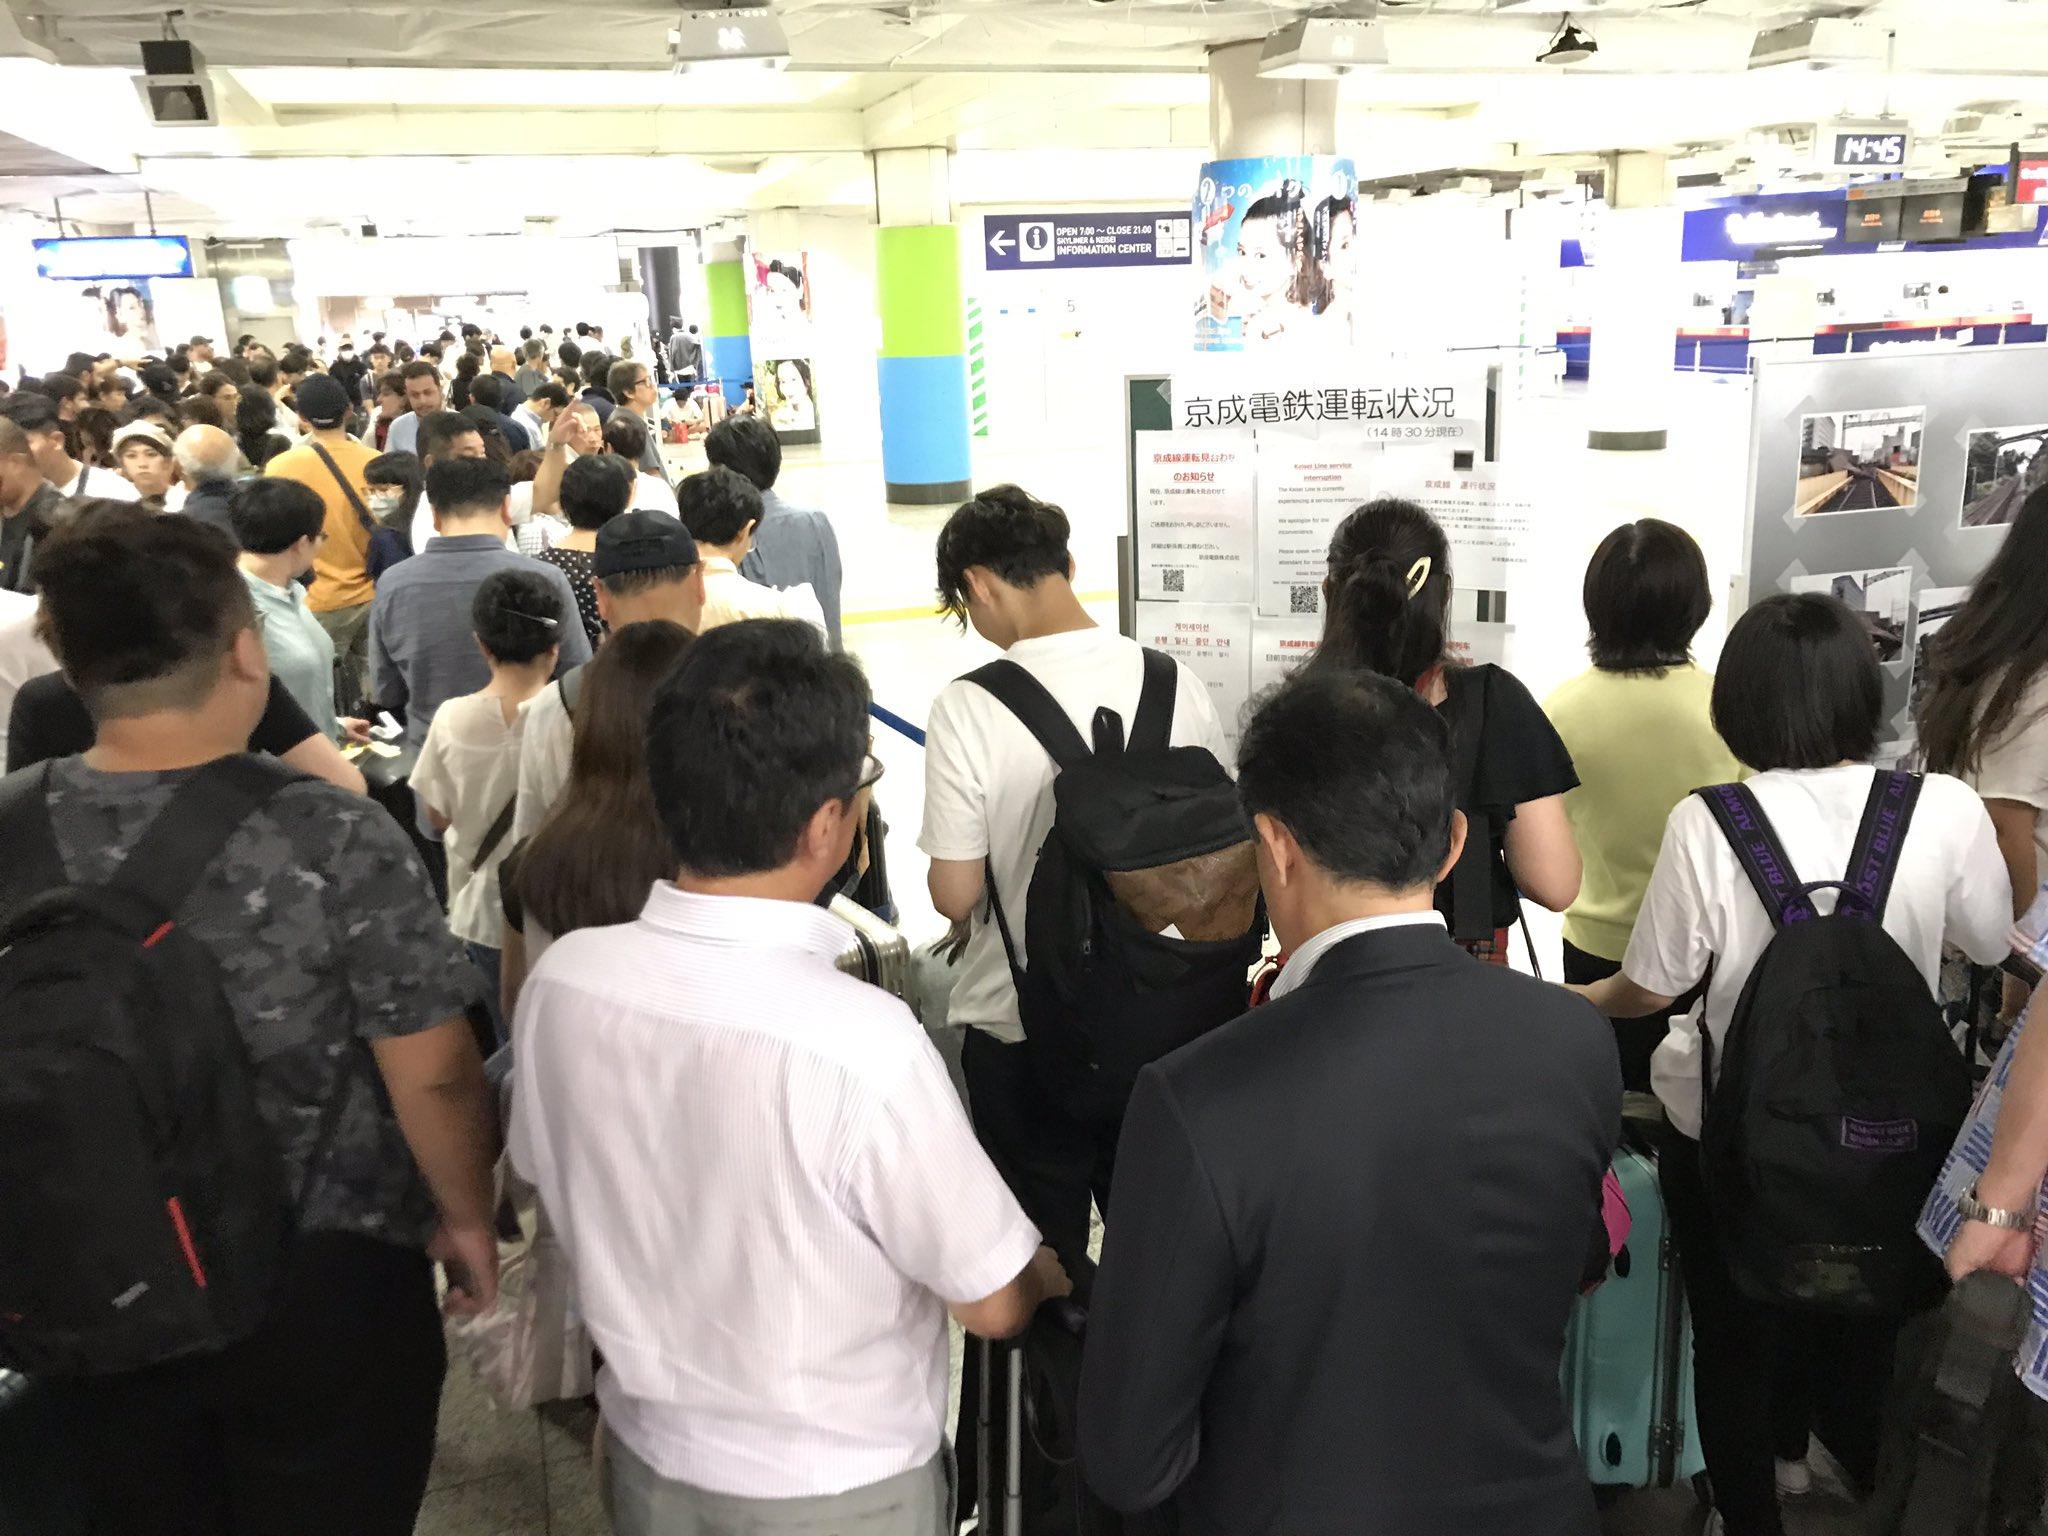 画像,成田空港は地獄と化しています。クーデターでもあったかの状態。バスも電車も動いてないので死を待つのみ🤣空港内のコンビニなんもないです。 https://t.co/…